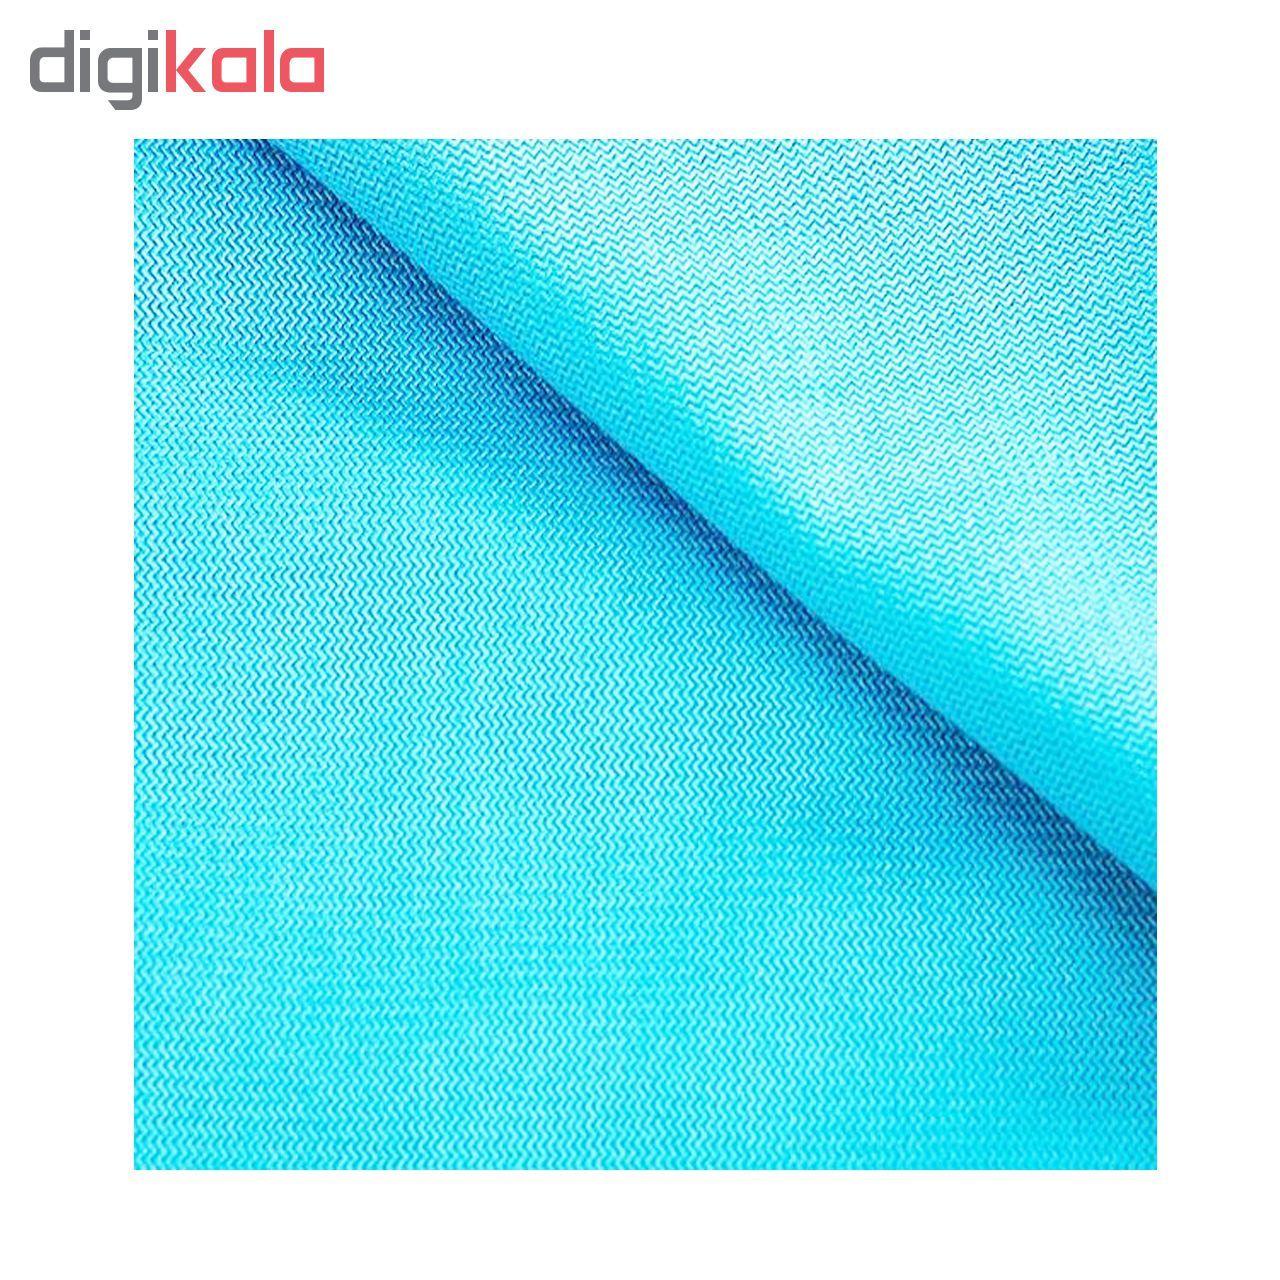 دستمال میکروفایبر ناژه مخصوص شیشه کد 01 main 1 5